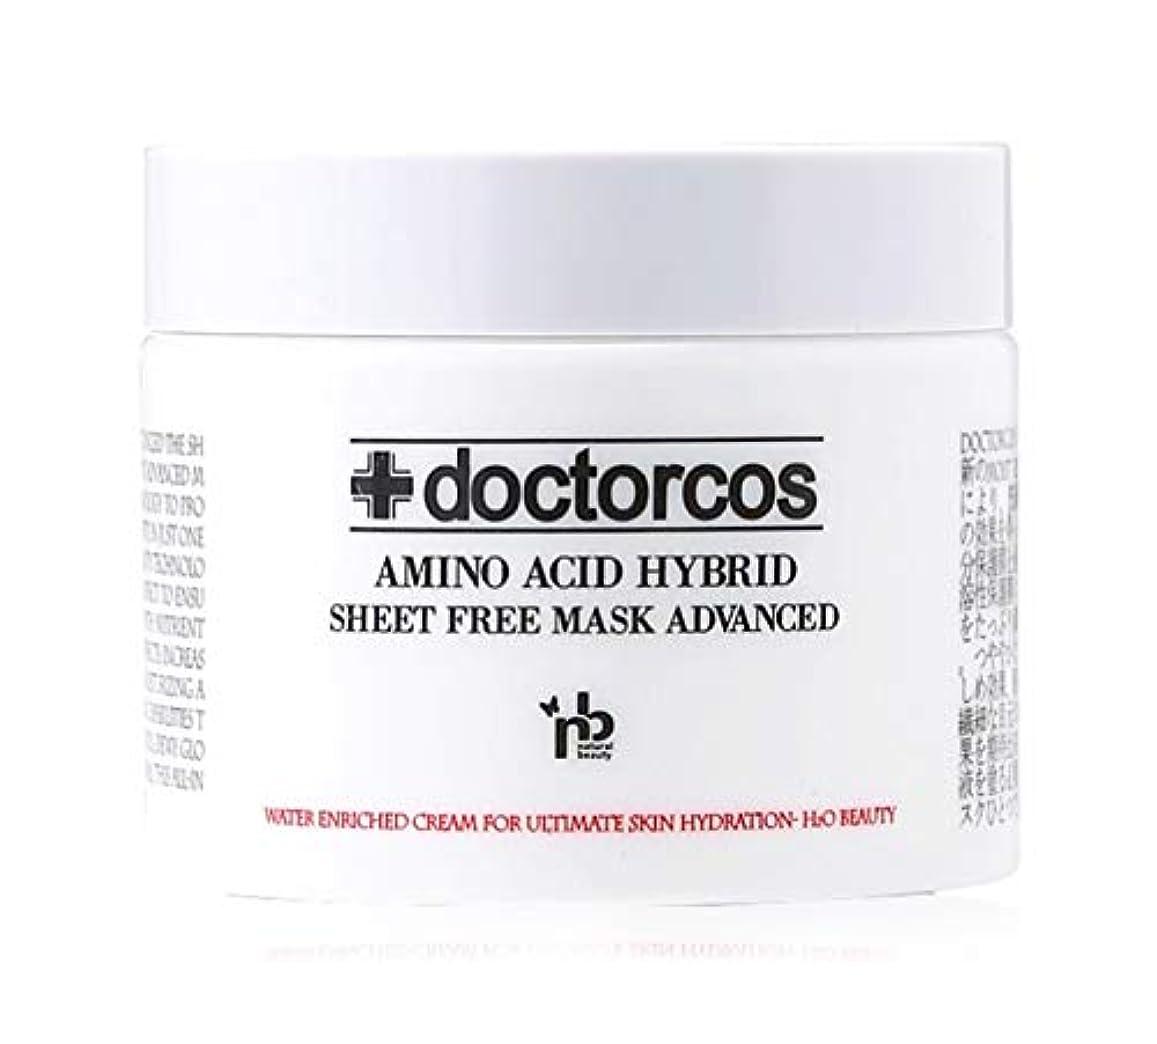 粗い長方形変化DOCTORCOS ドクターコス アミノ酸 ハイブリッド シートフリーマスク アドバンスト[並行輸入品]